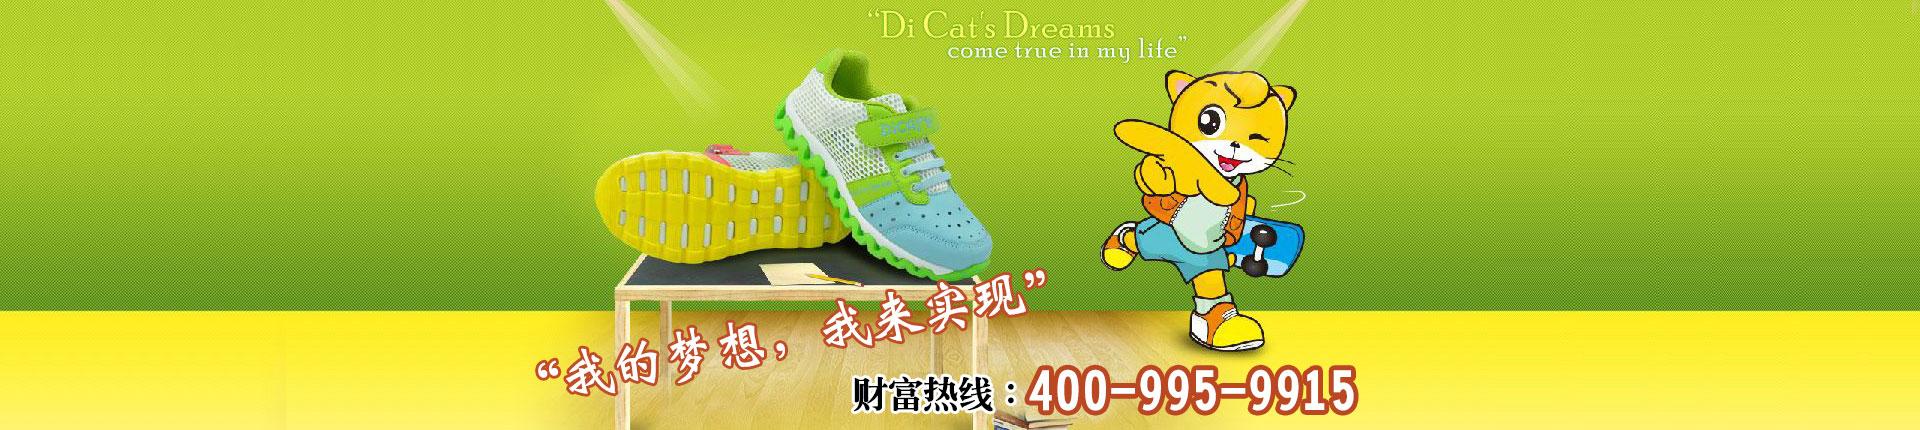 迪貓之夢官方網站